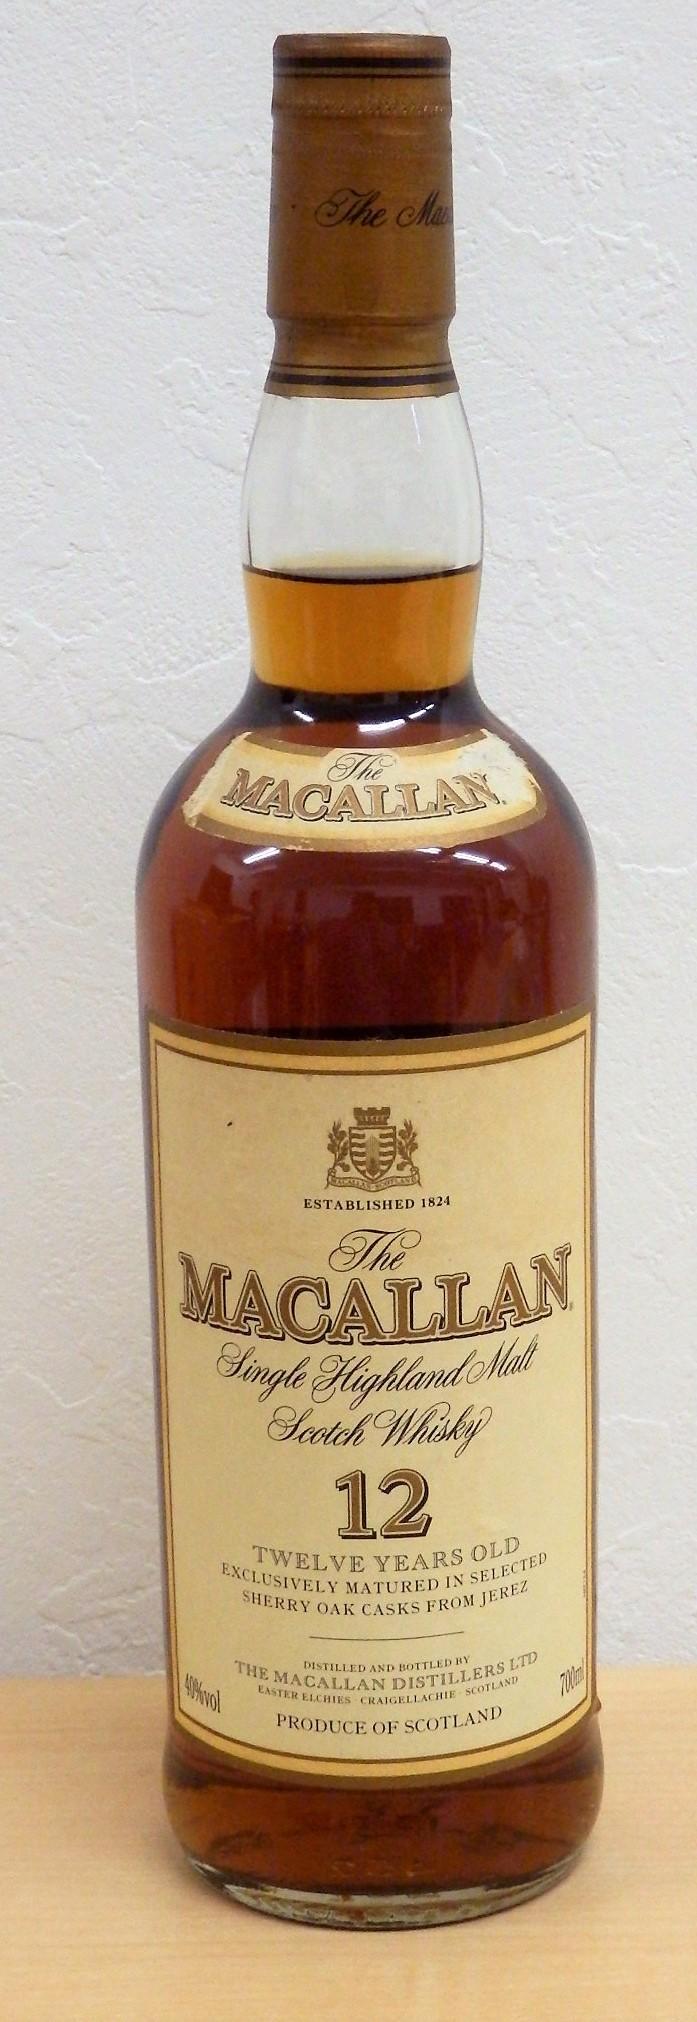 The macallan 12年 旧ラベル